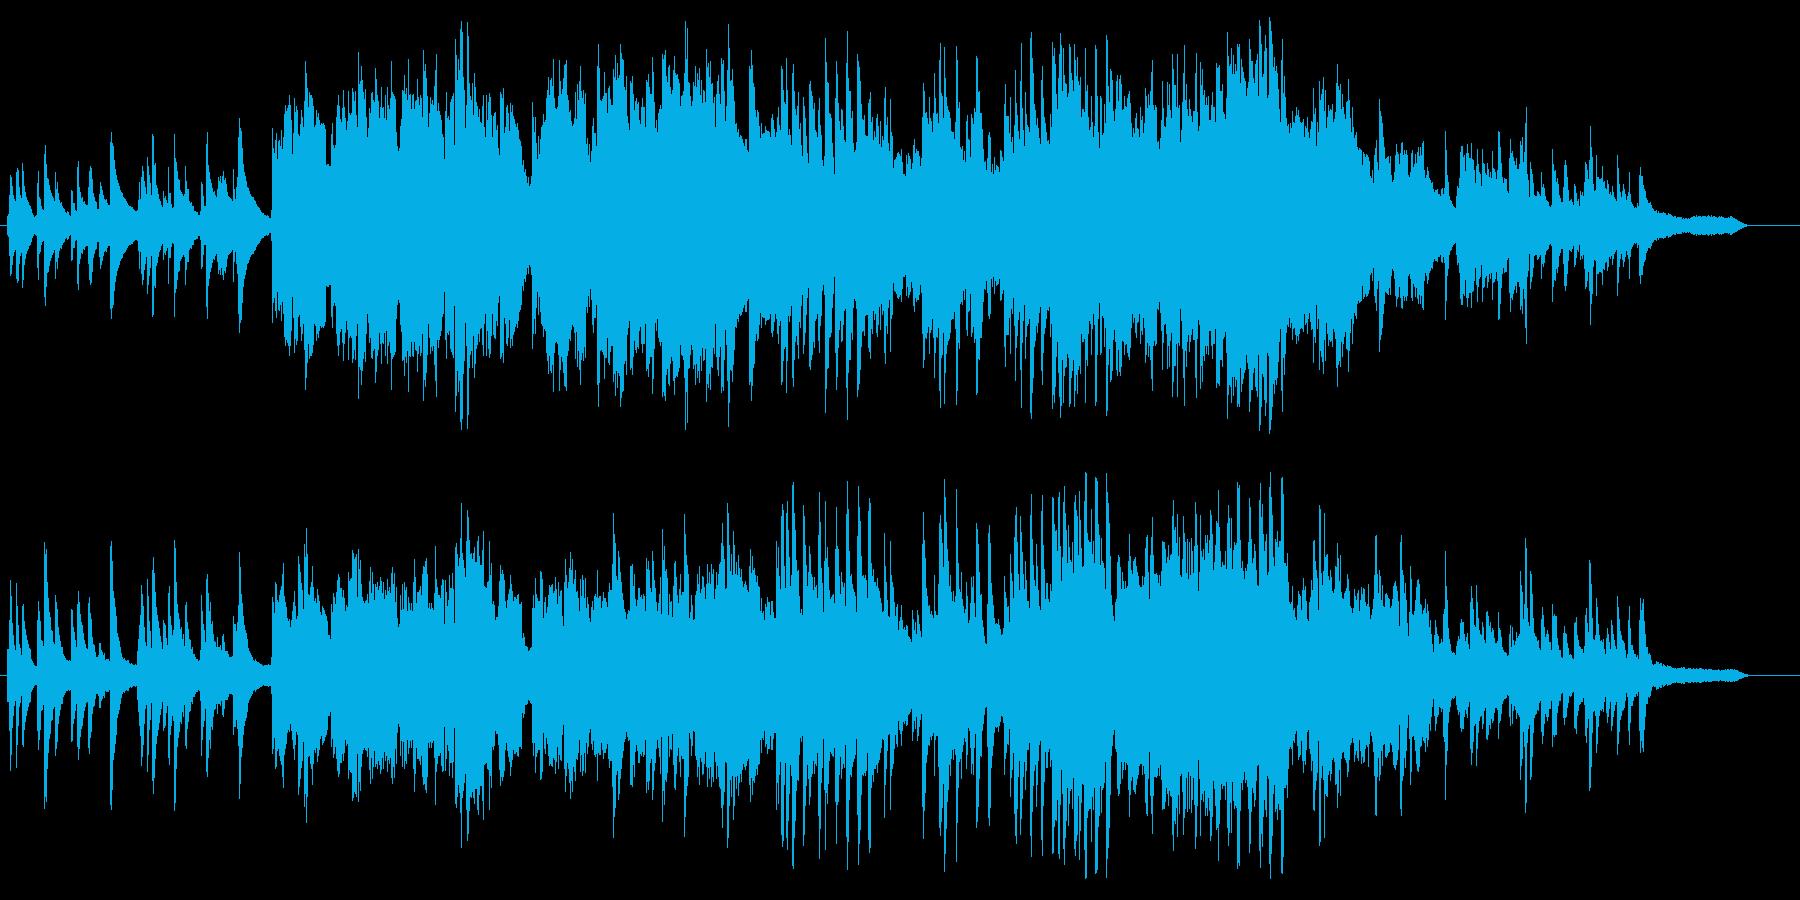 アコーディオンの響きが切ないインスト曲の再生済みの波形